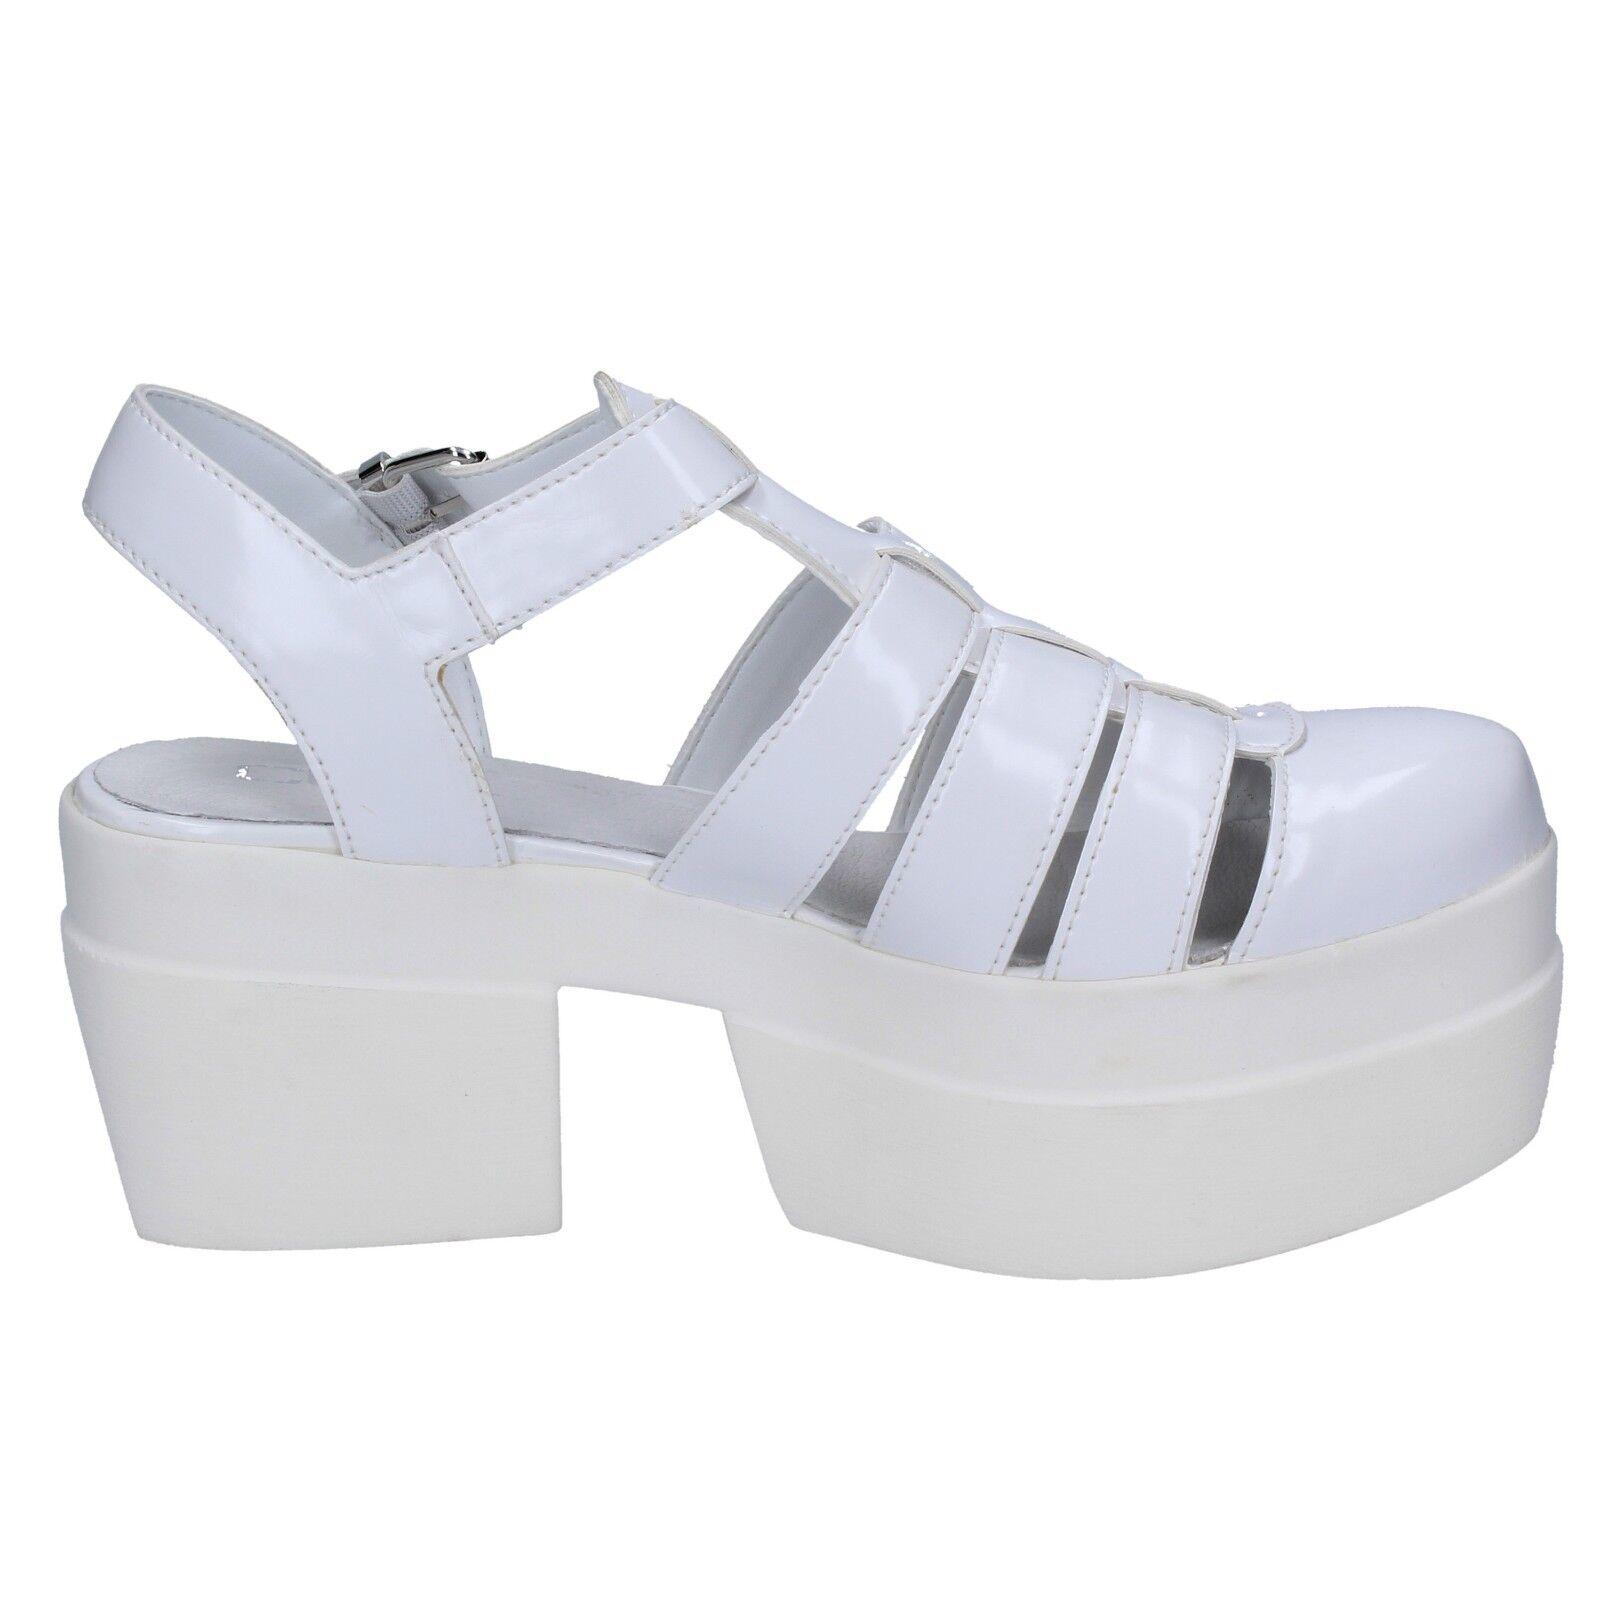 Women's shoes CULT CULT CULT 10 (EU 40) sandals white leather BT539-40 447f90